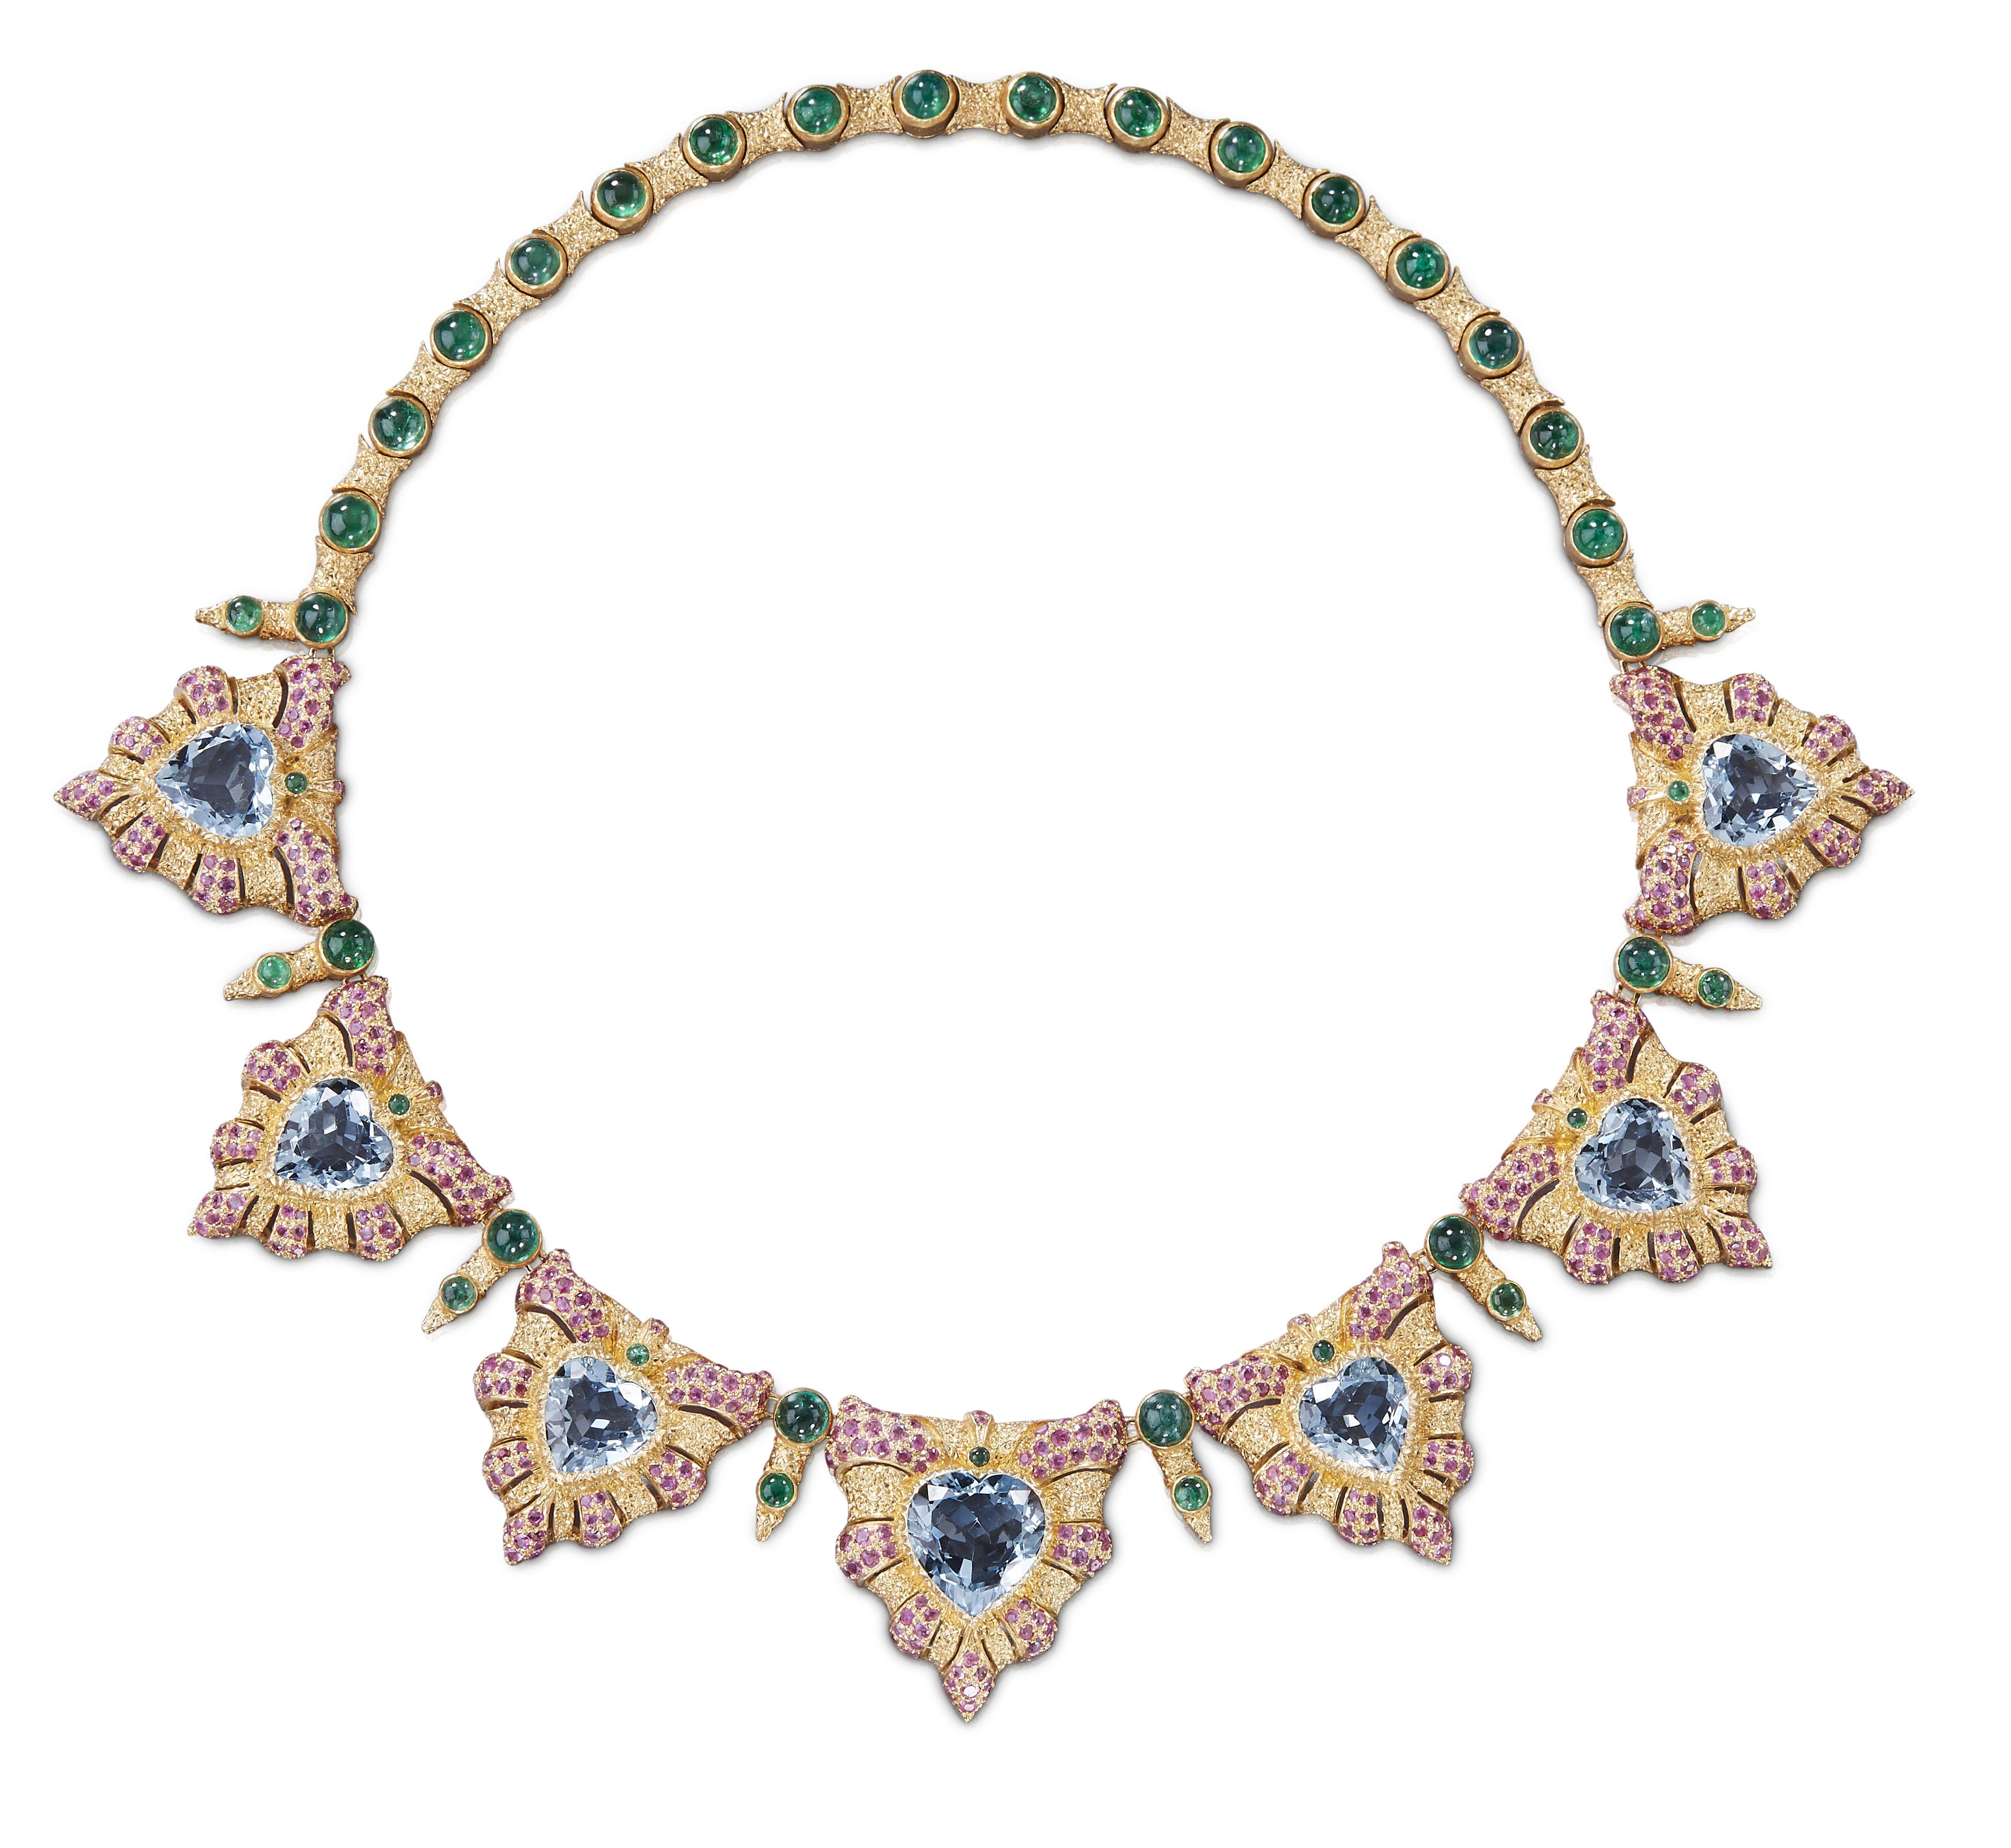 Buccellati's Gran Mogol necklace